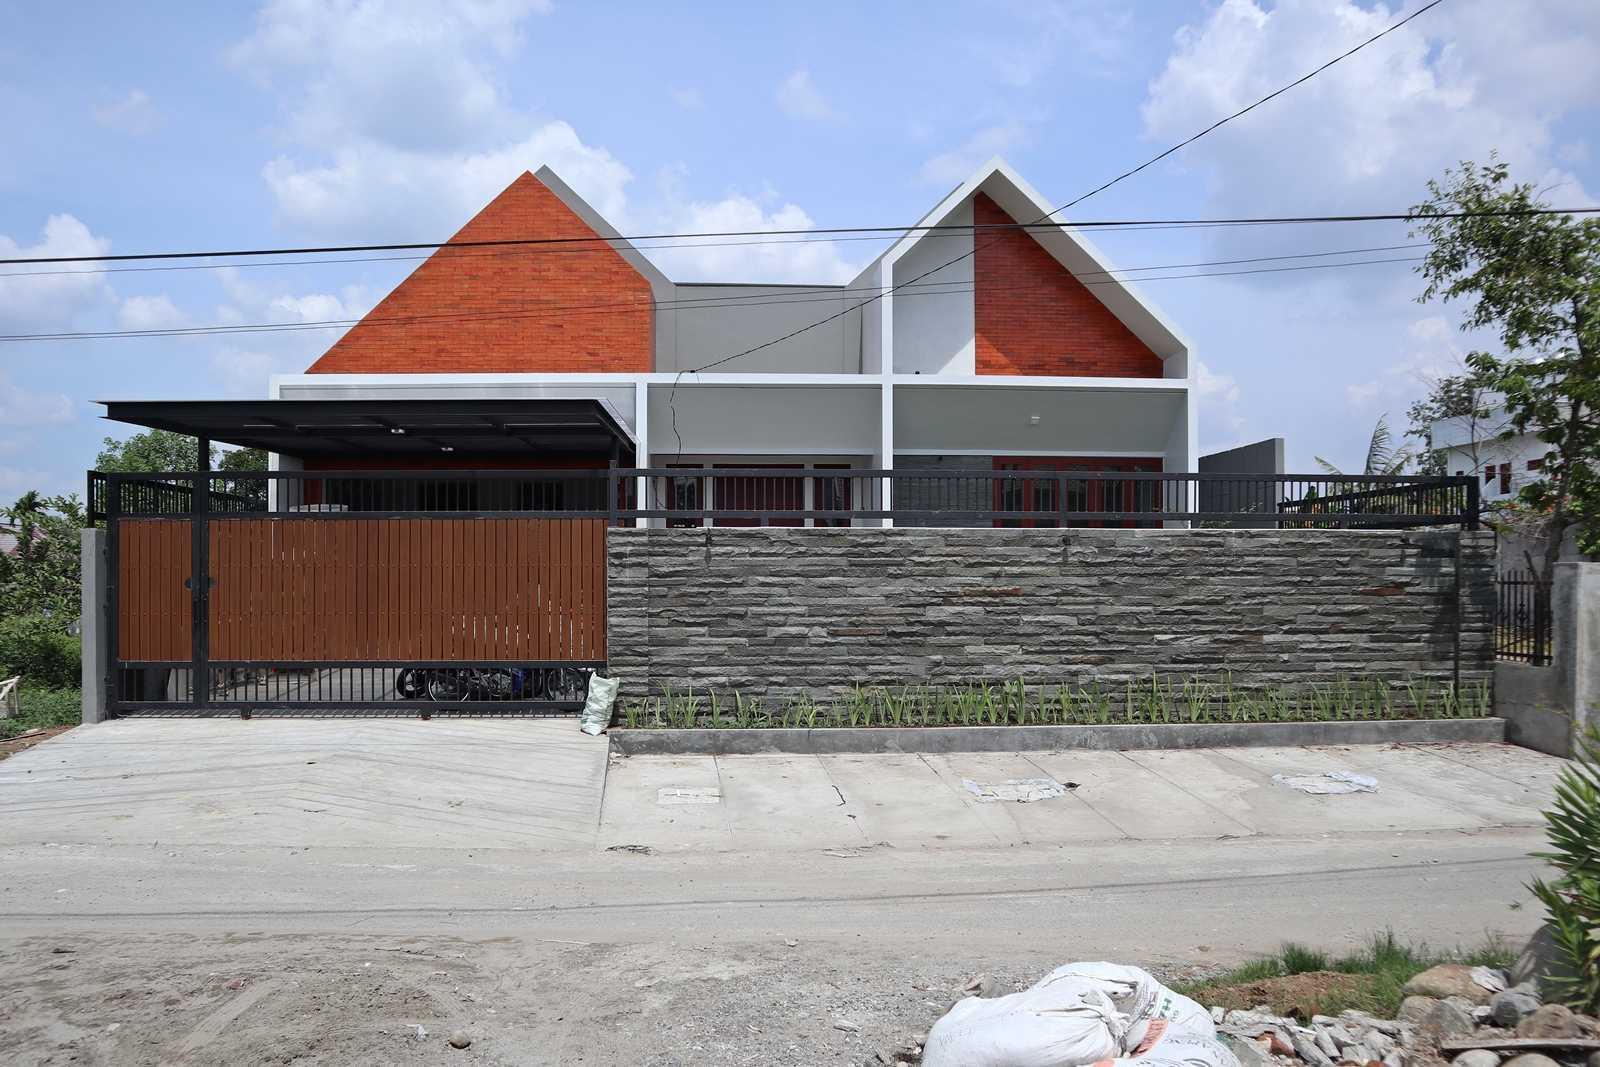 Bd Studio Ss Villa House Medan, Kota Medan, Sumatera Utara, Indonesia Medan, Kota Medan, Sumatera Utara, Indonesia Bd-Studio-Ss-Villa-House  74087